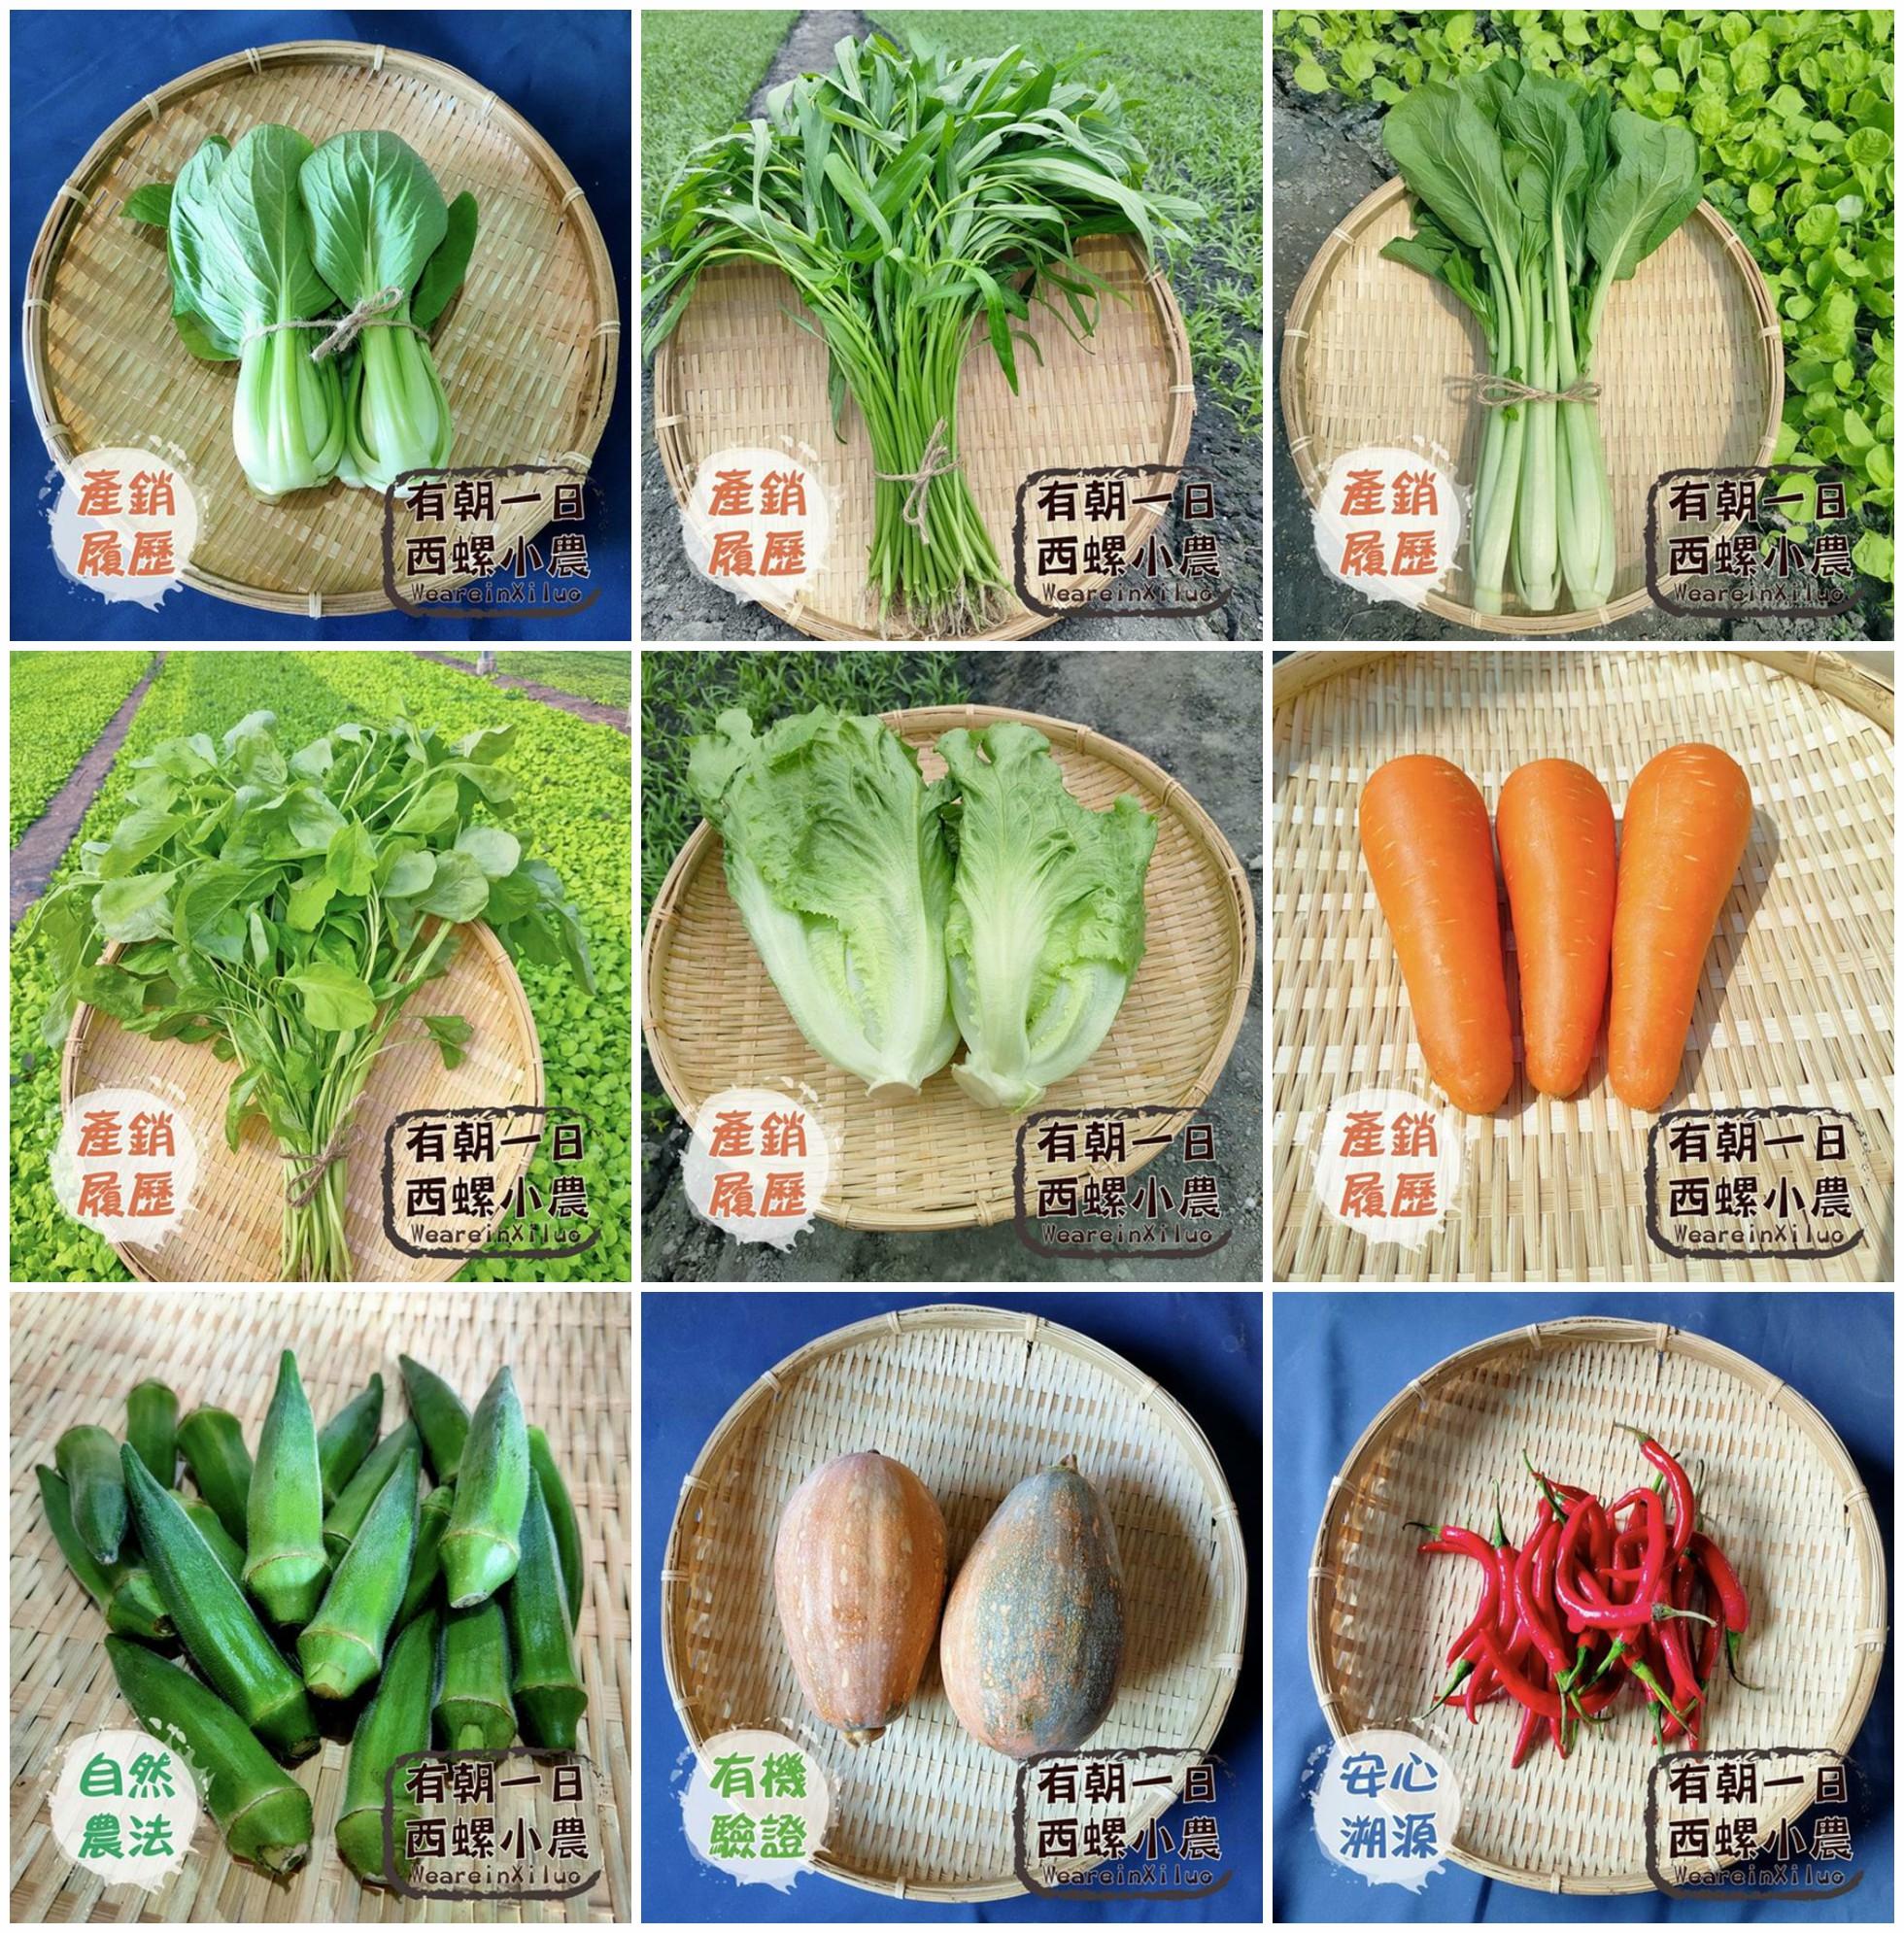 西螺小農,產地直送蔬菜箱,蔬菜箱,蔬果 宅配,防疫蔬菜箱,蔬菜箱直送,蔬菜箱 宅配